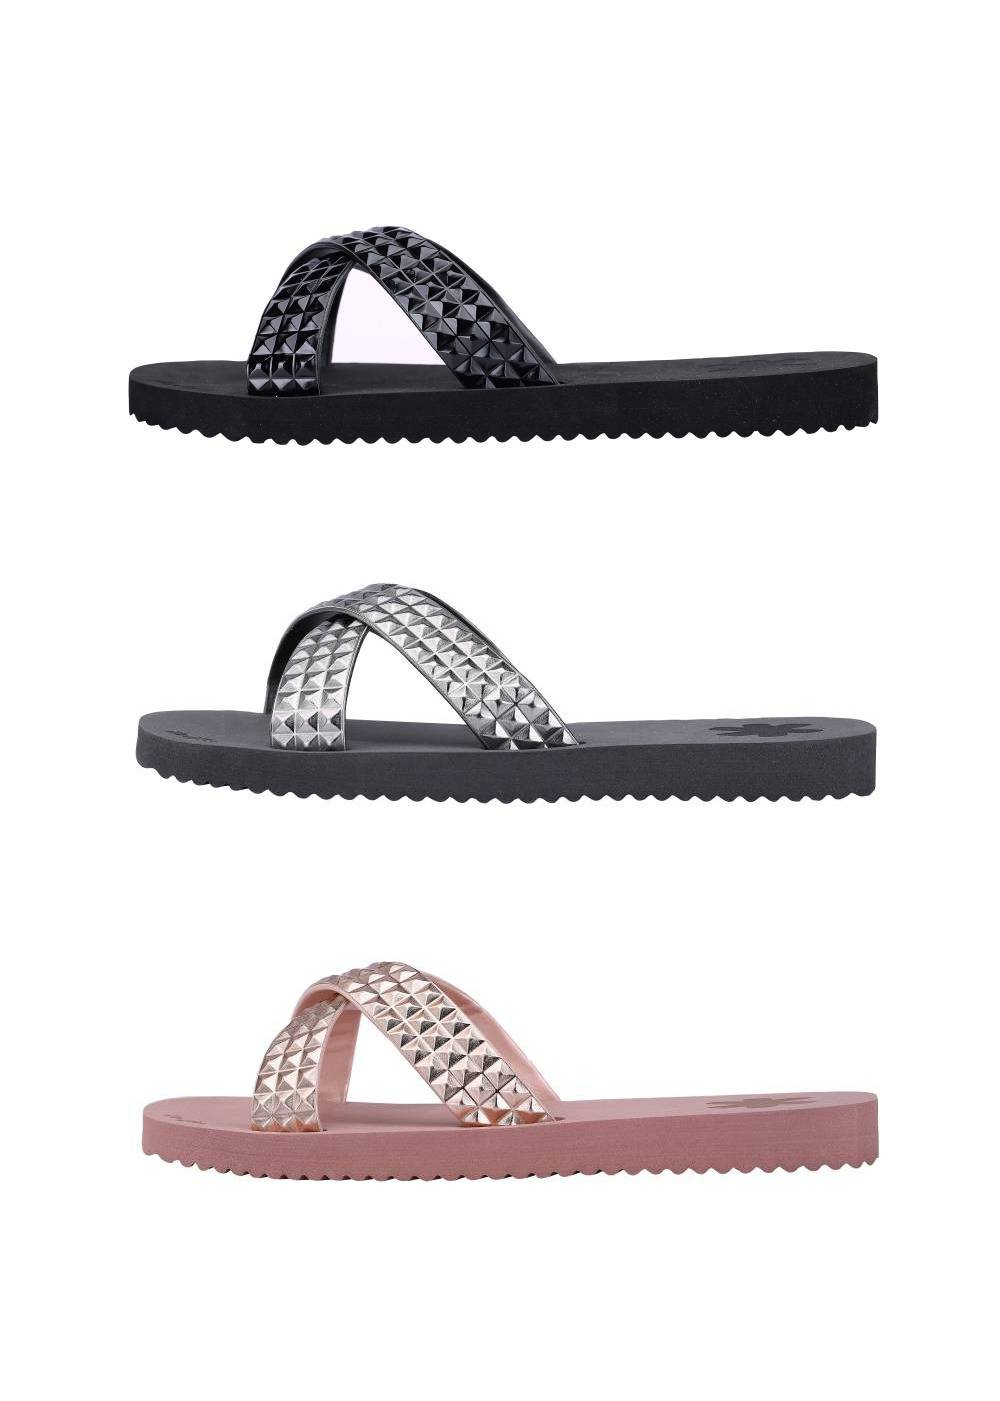 FLIP*FLOP Cross Tile Sandalen Freizeitschuhe Gummi Strasssteine Schuhe